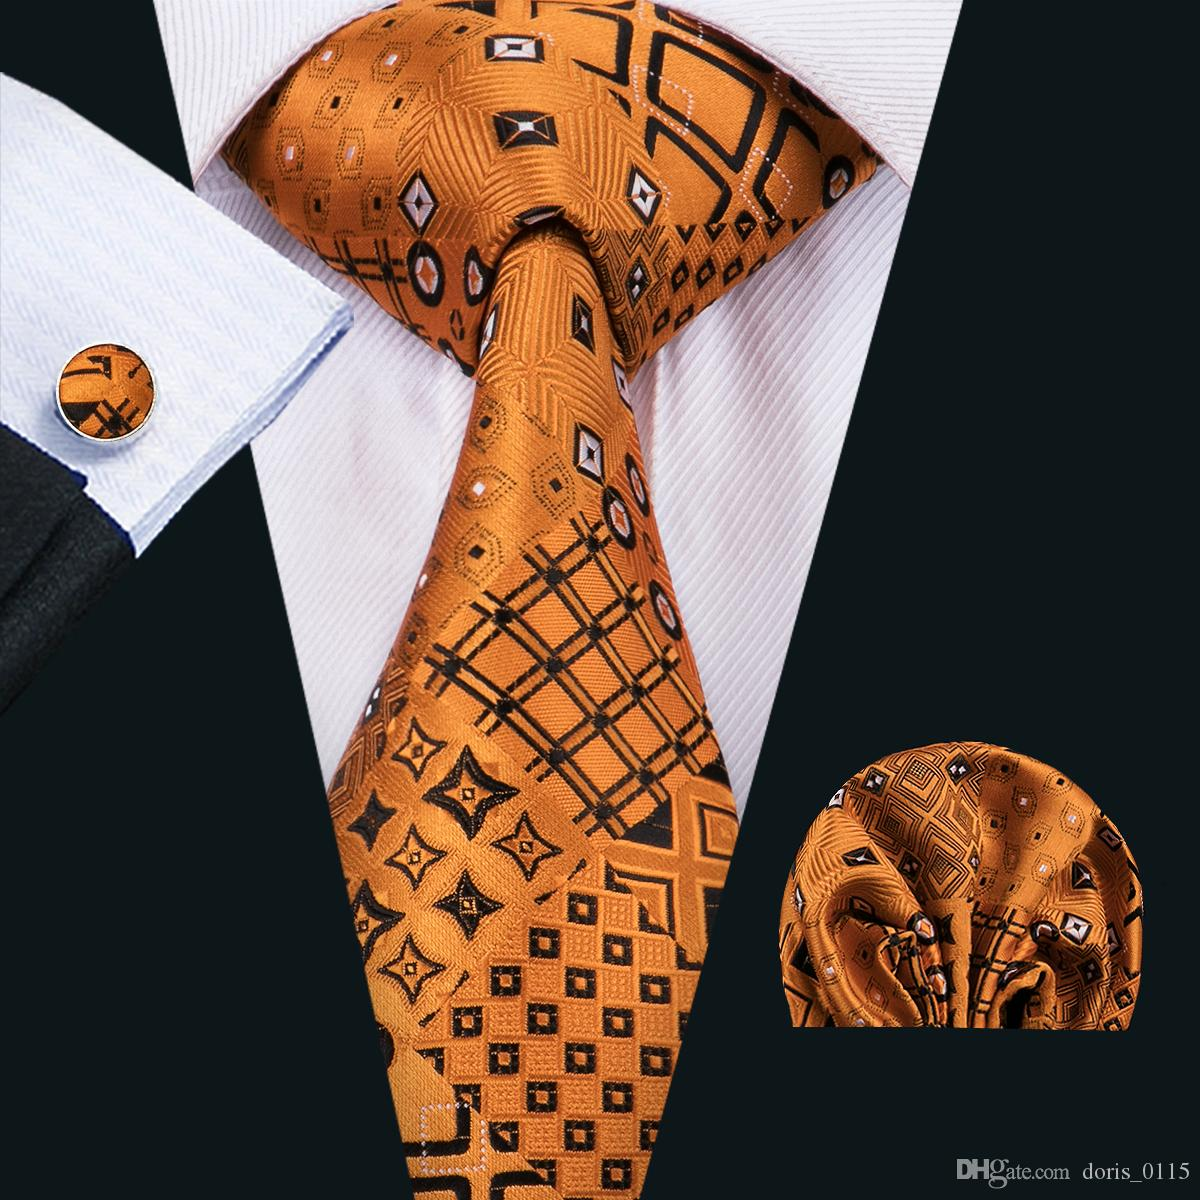 أزياء الرجال التعادل classci الحرير رجل الرقبة العلاقات الذهب التعادل مجموعات التعادل المنديل cufflinks مجموعات الجاكار المنسوجة اجتماع الأعمال حفل زفاف هدية N-1517